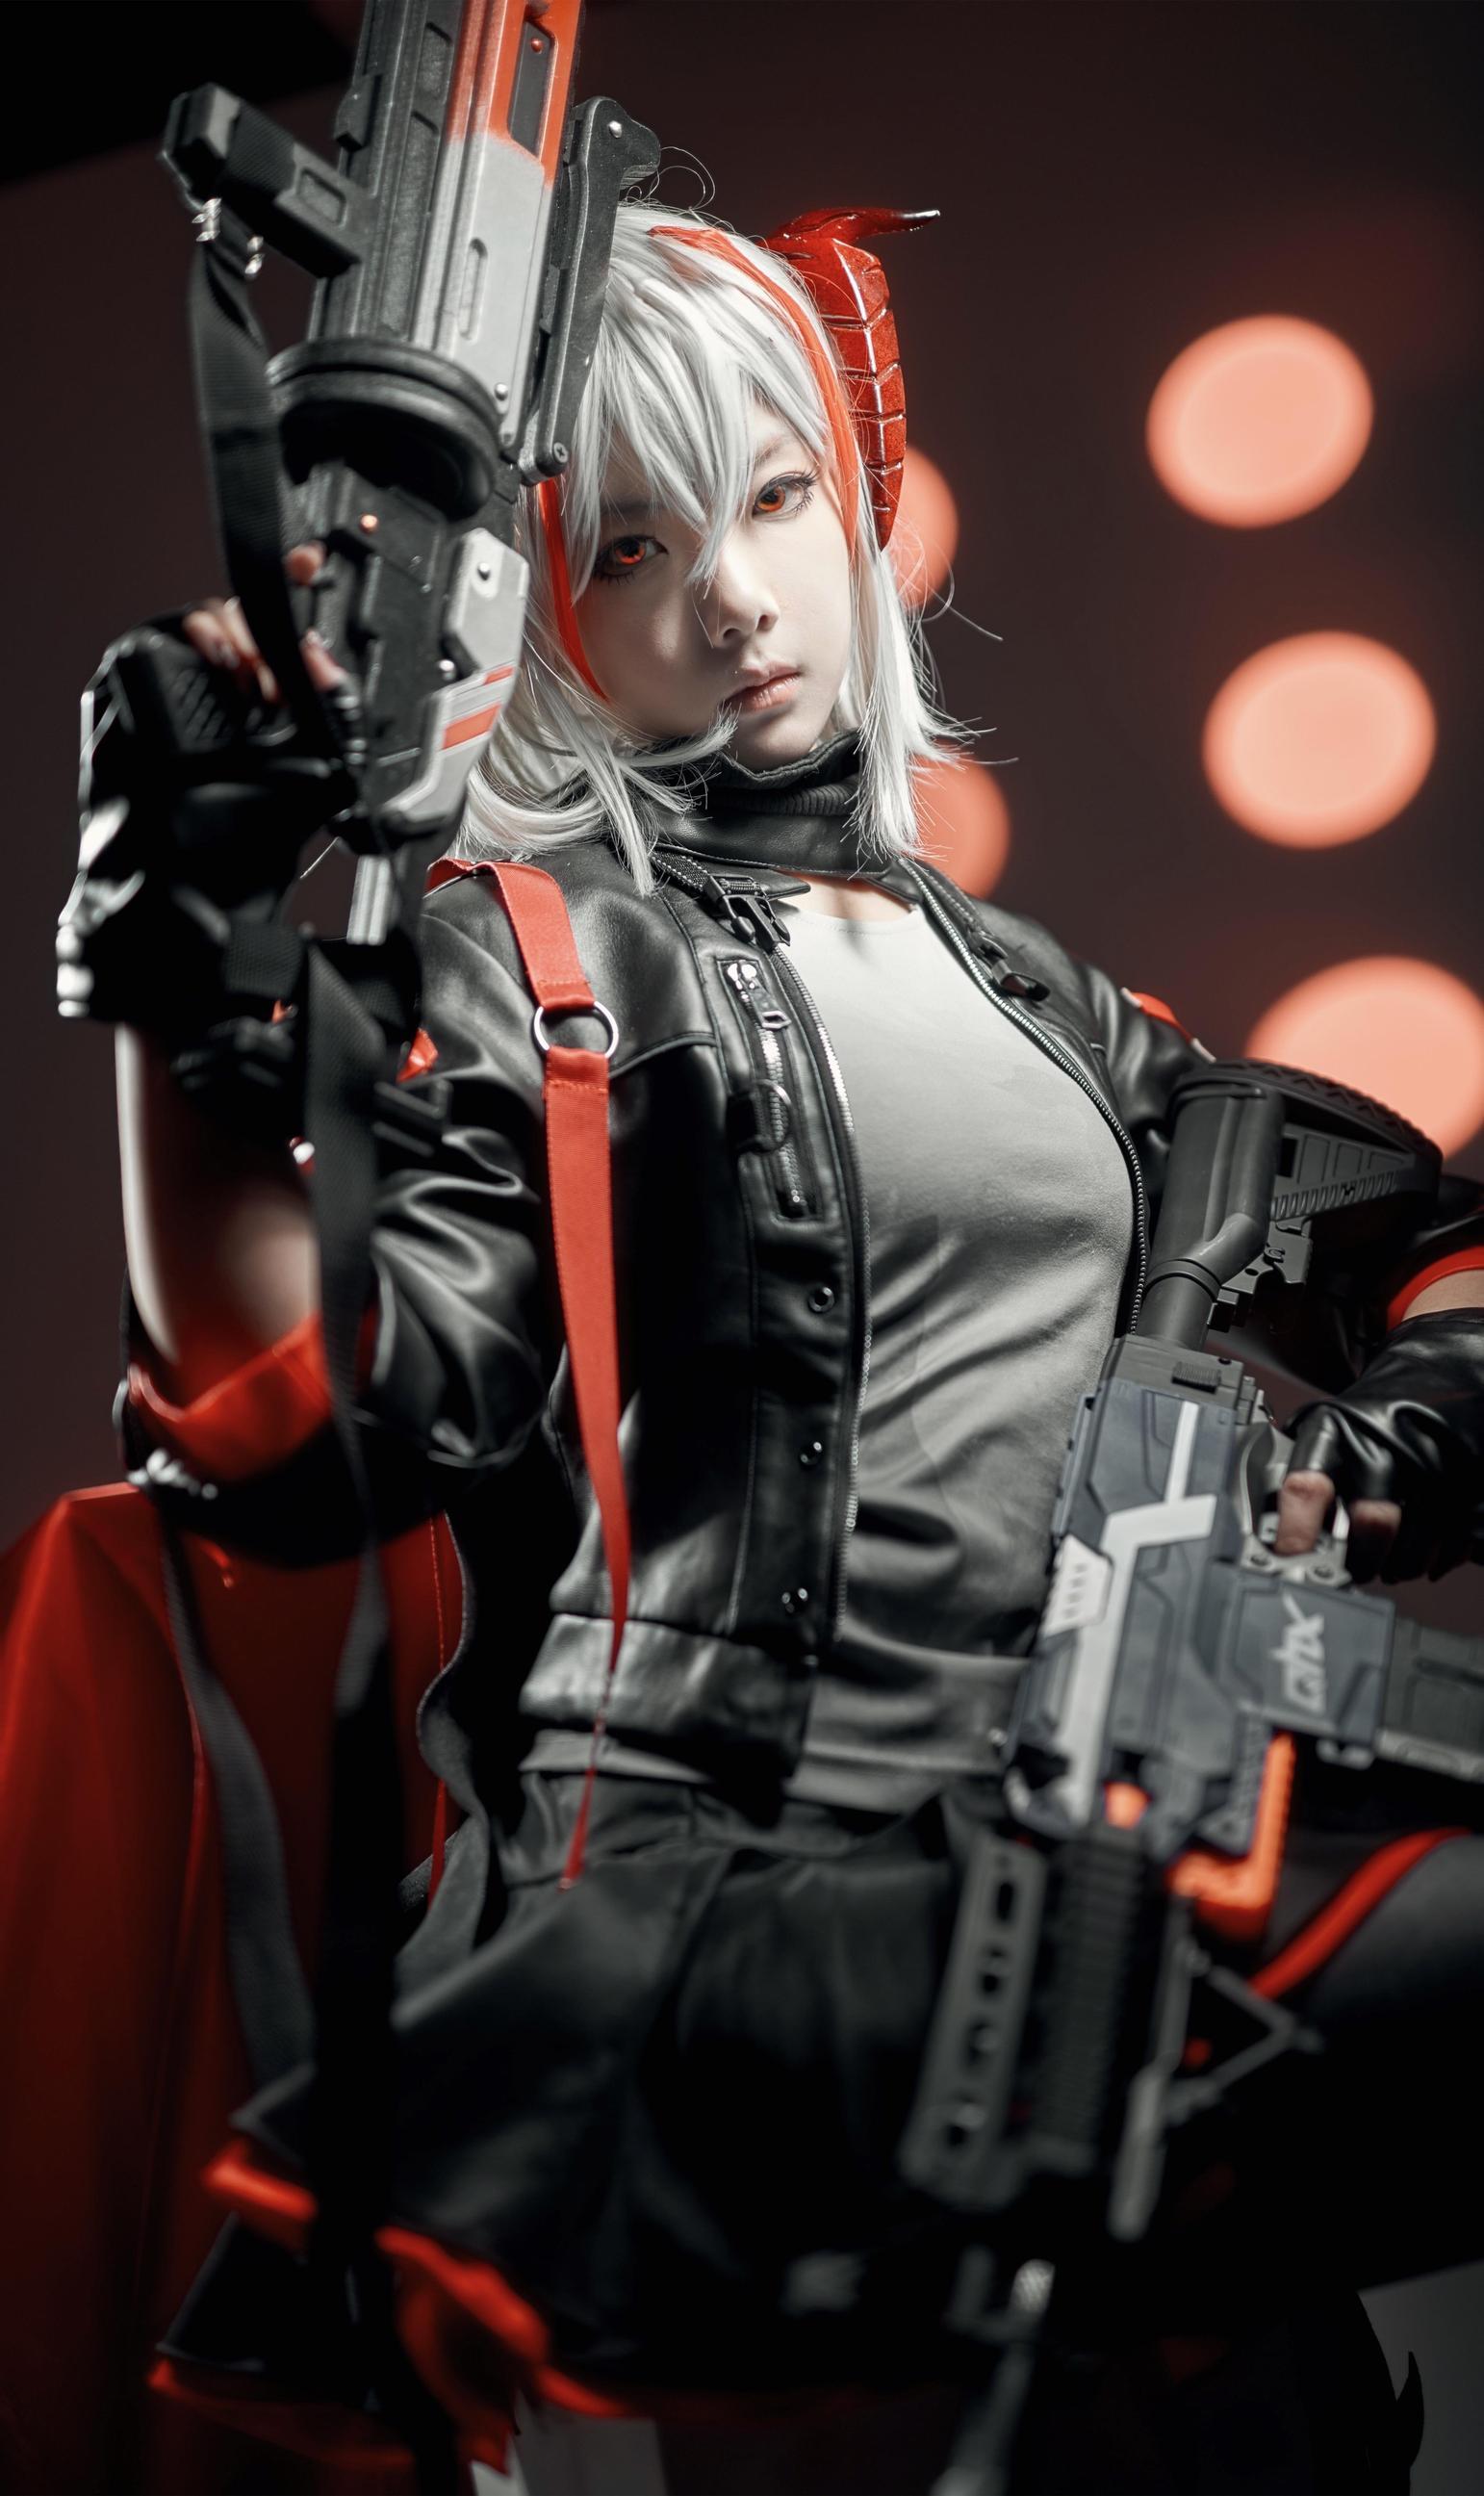 《明日方舟》不敢cosplay【CN:三部终焉】 -cosplay集市创意图片插图